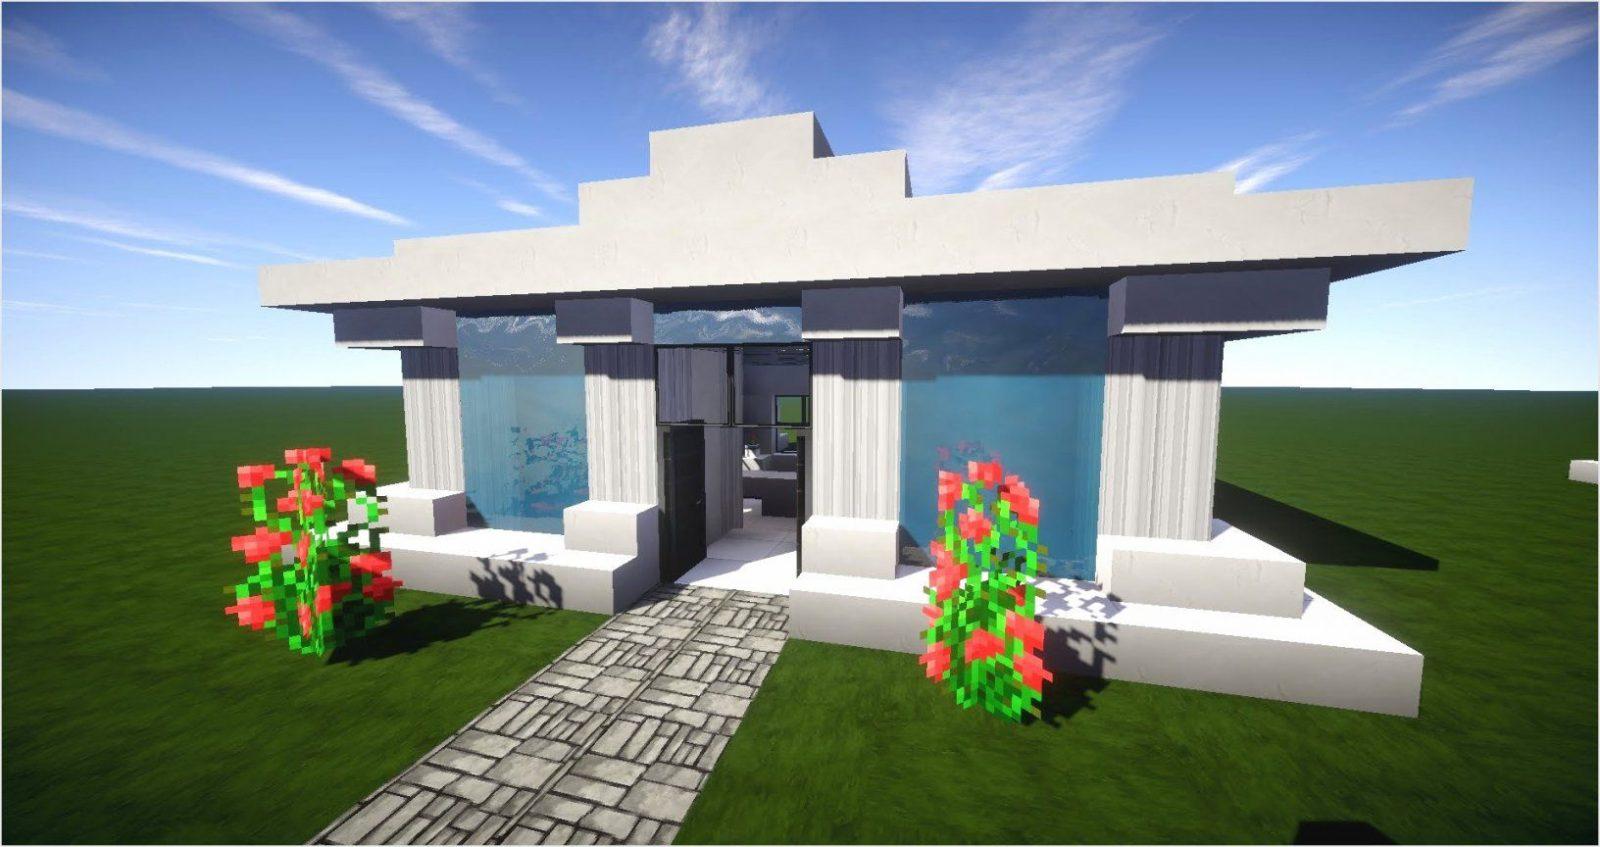 Schöne 20 Bilder Minecraft Haus Bauen Anleitung Annsbaby Ts Kleine von Minecraft Häuser Bauen Anleitung Bild